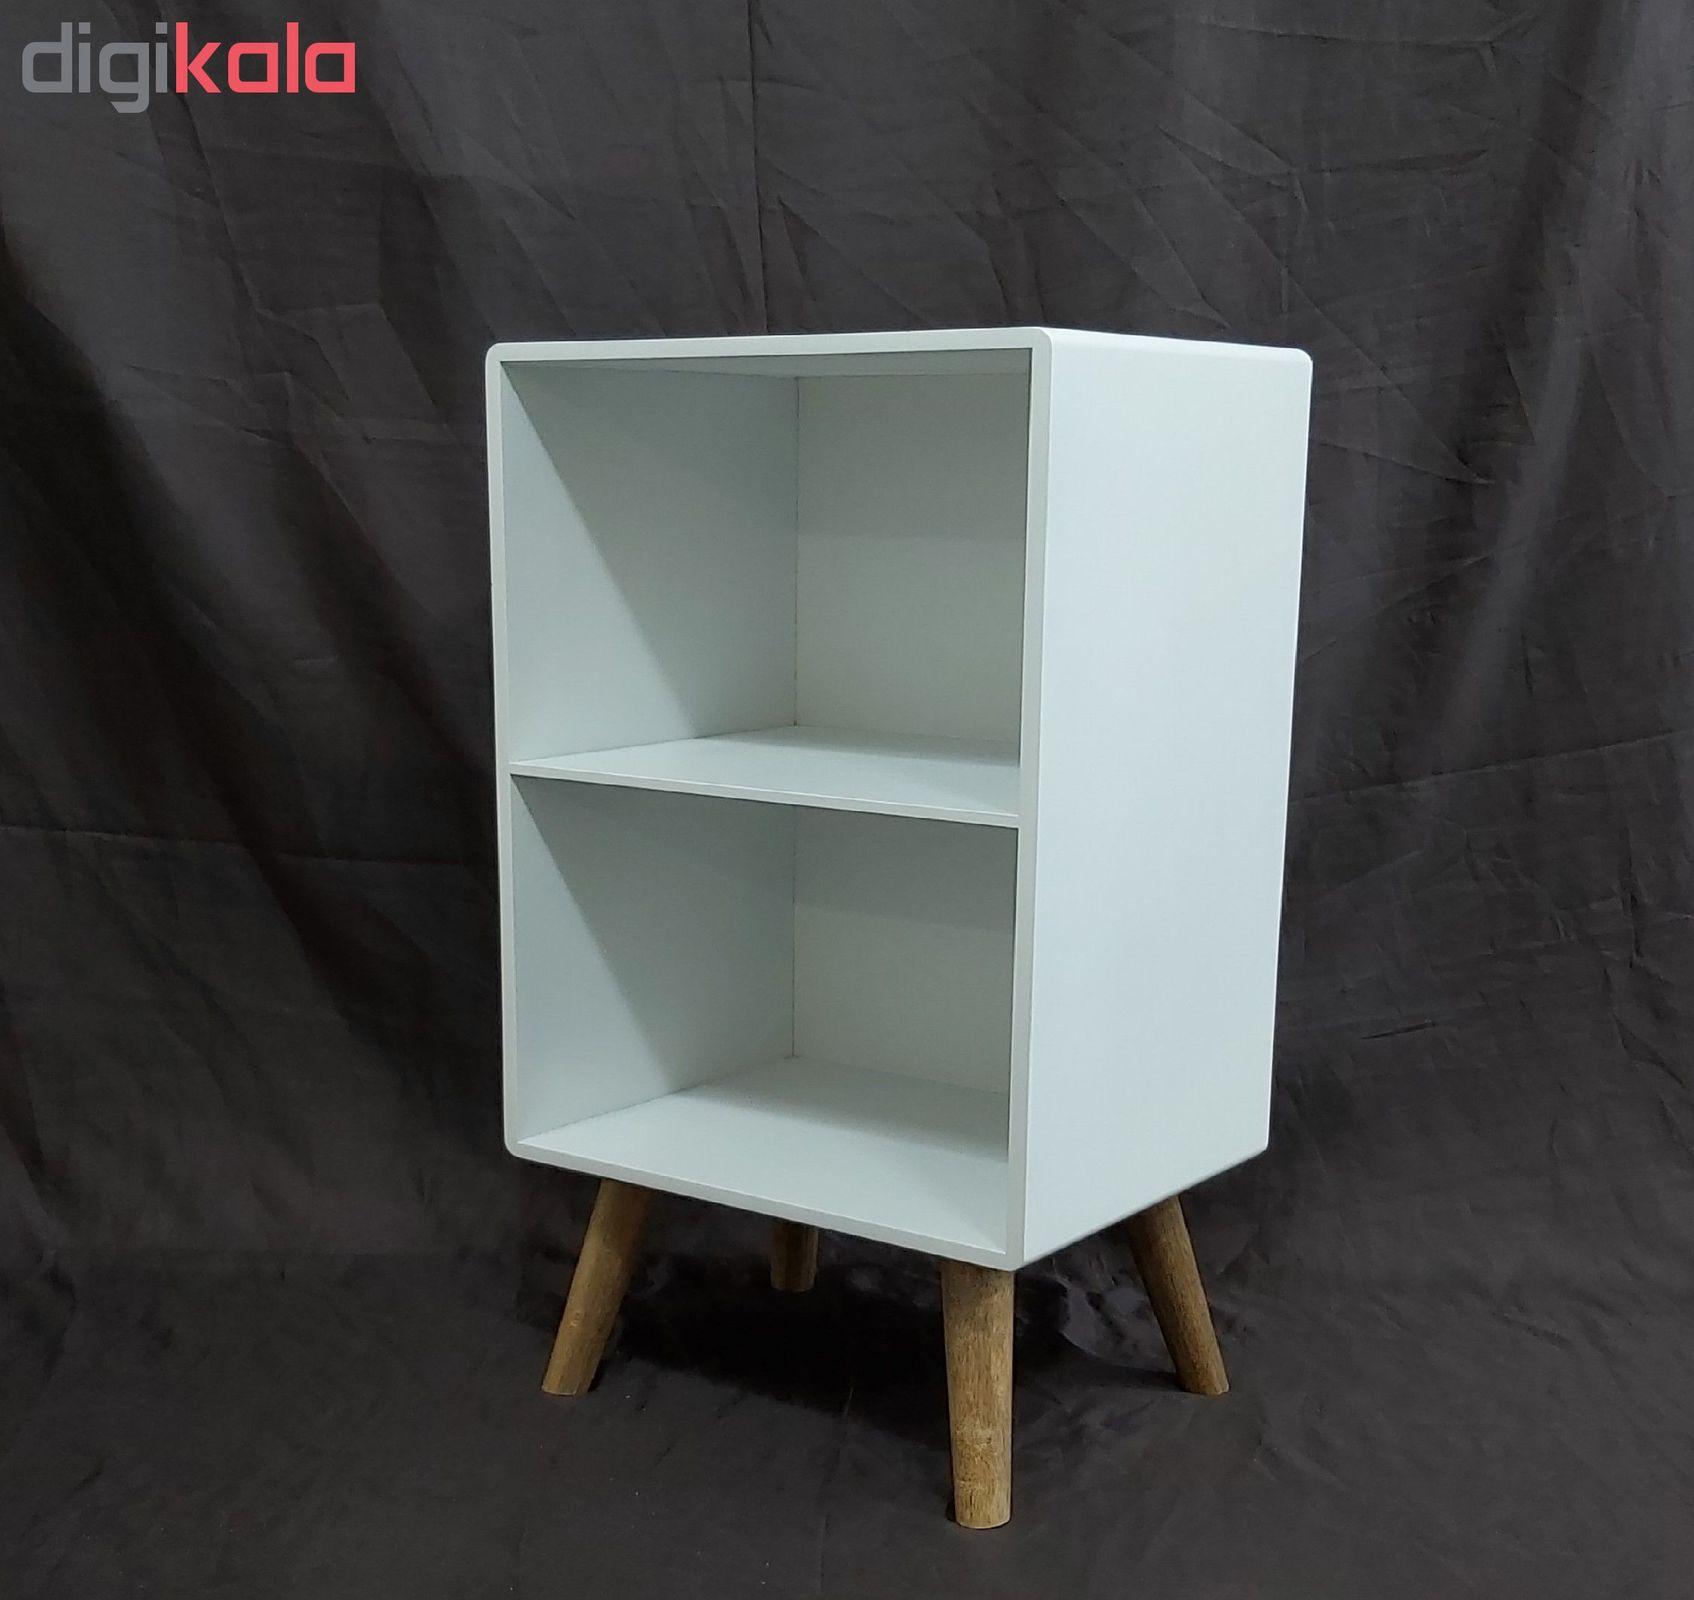 کتابخانه مدل C2060 main 1 1